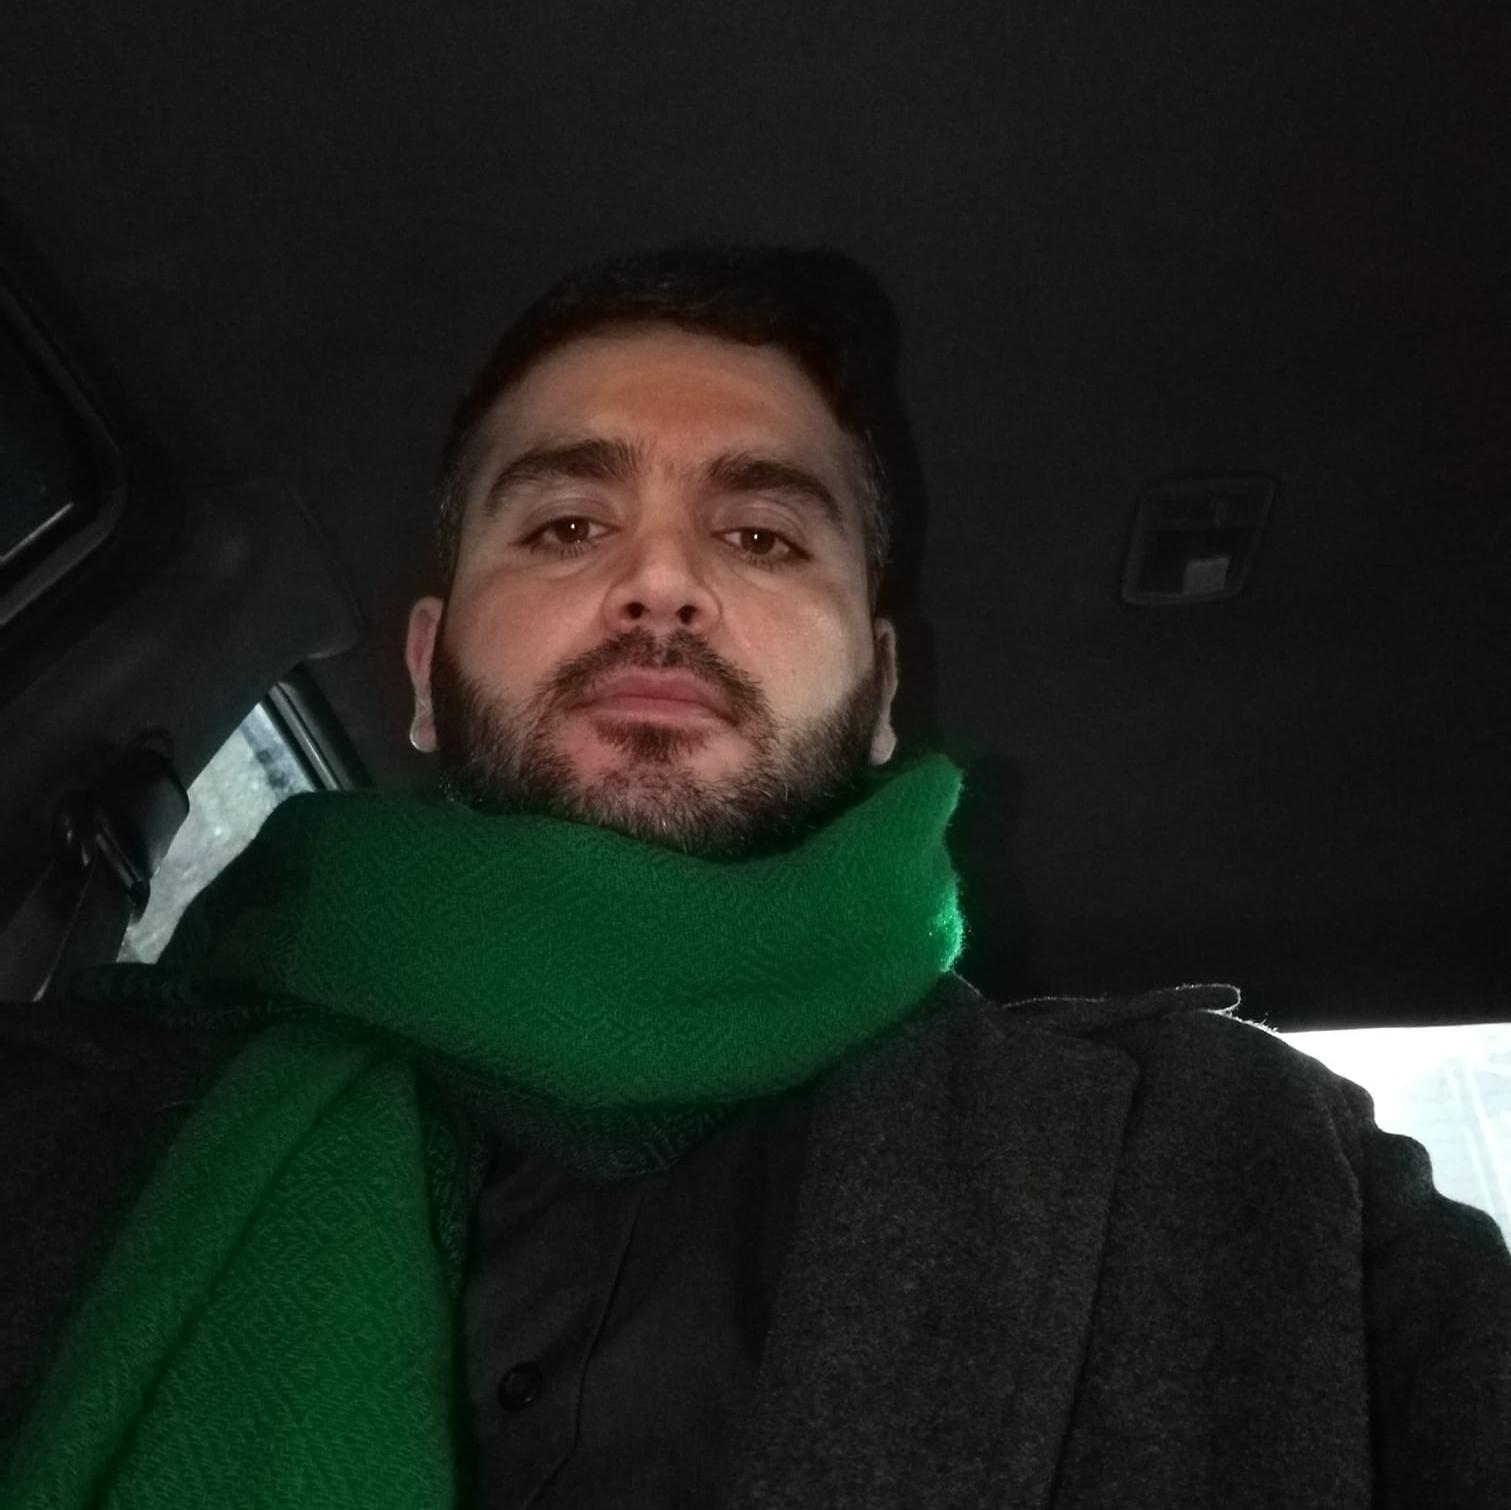 د. عبد الله سمارة الزعبي